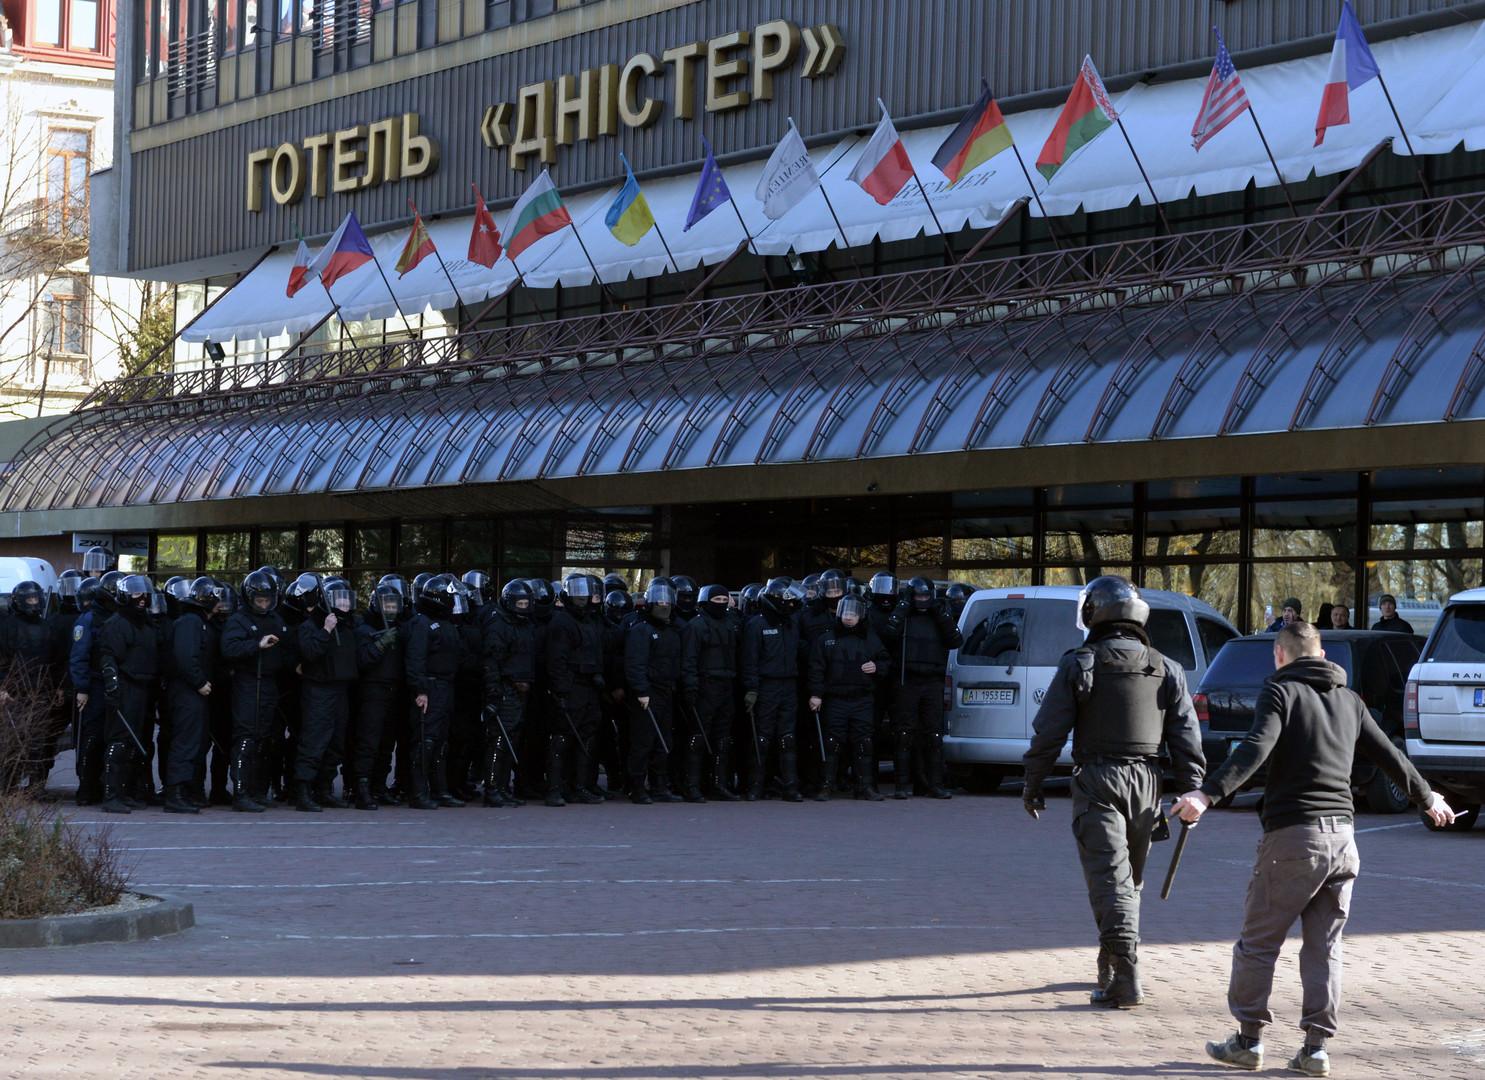 Un fort contingent policier a été déployé pour contenir les manifestants